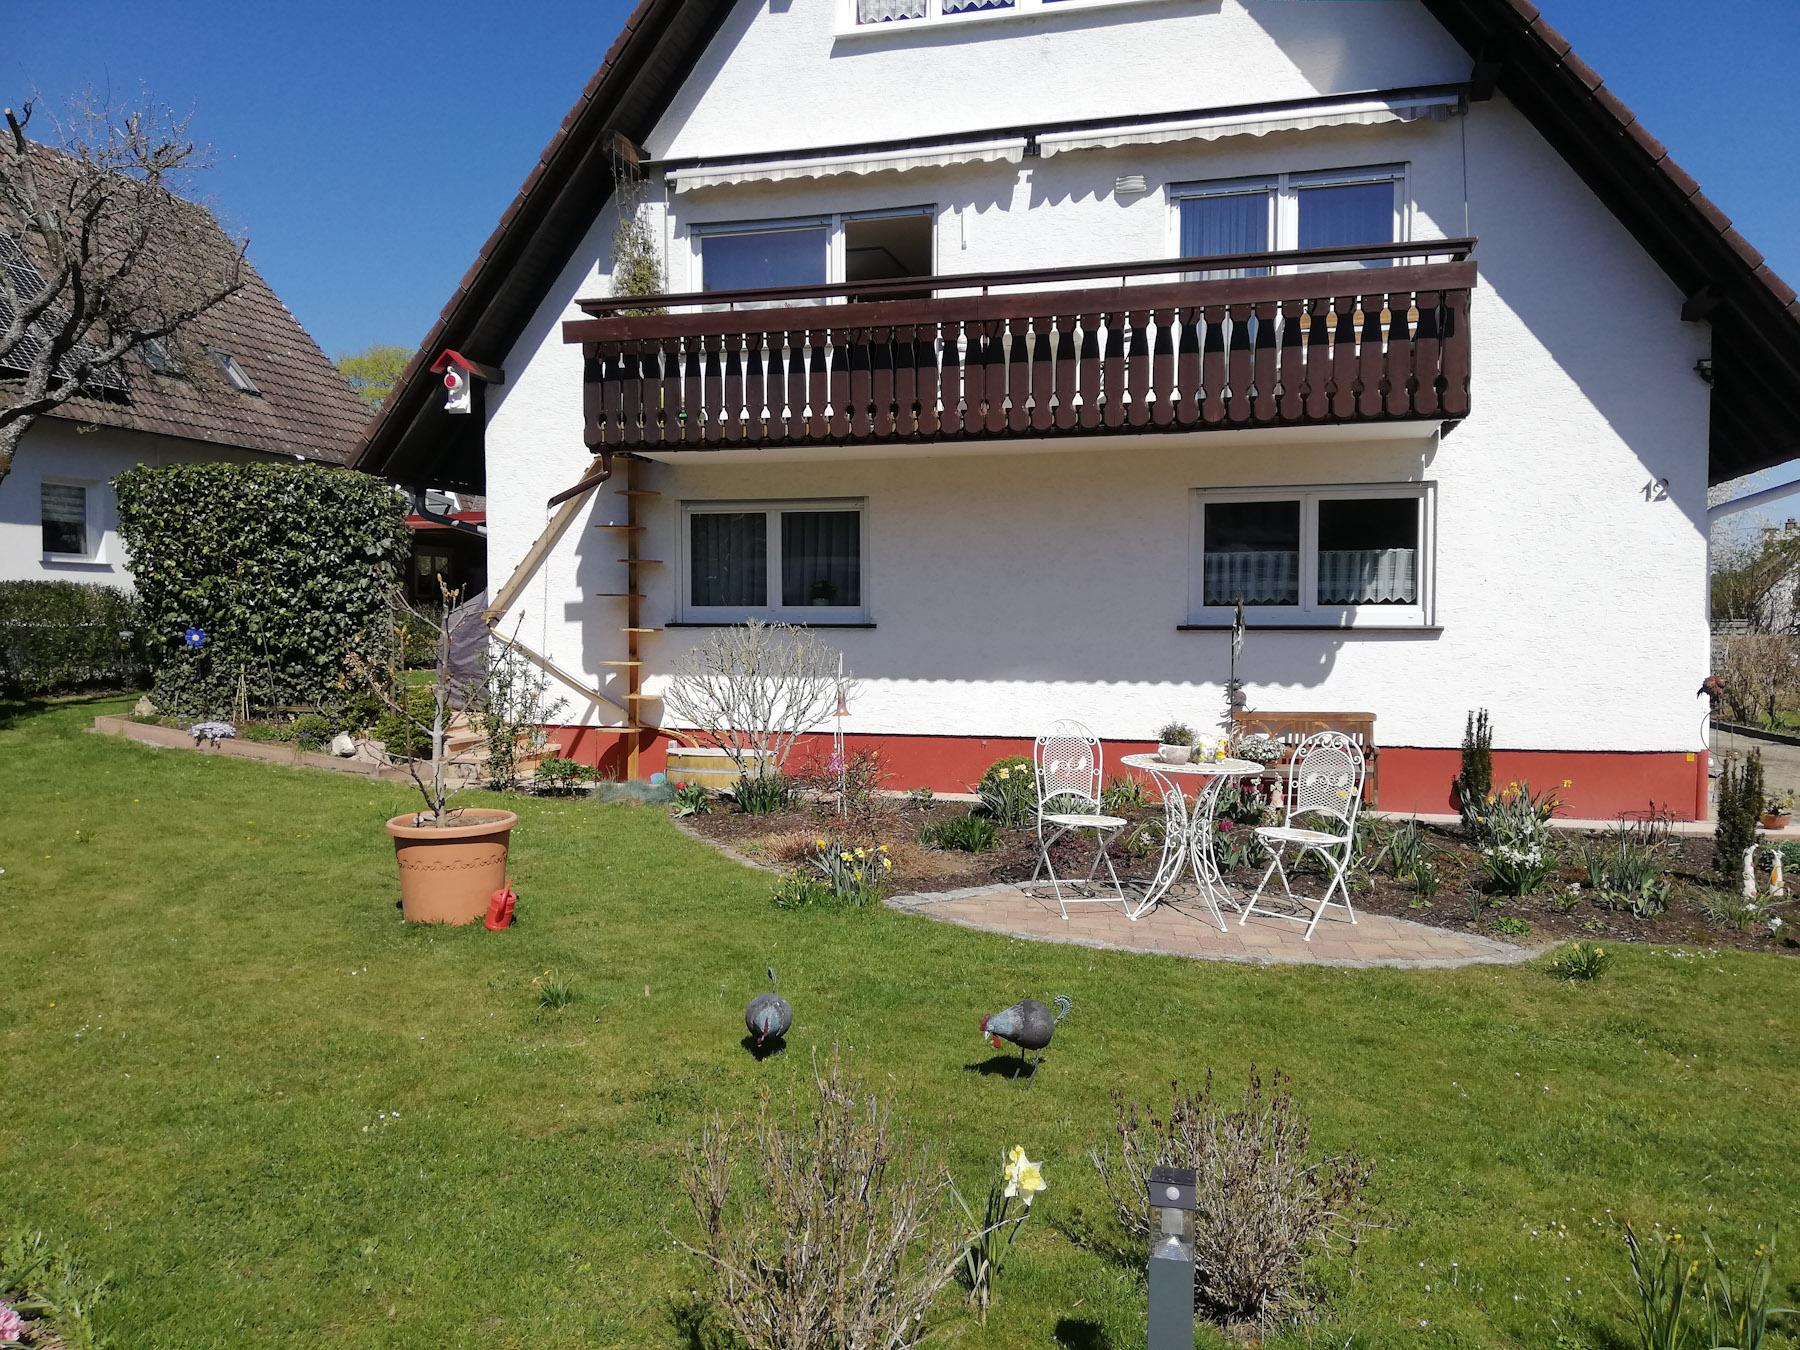 Ferienwohnung Lemke, (Donaueschingen). Typ C, 95qm, 2 Schlafzimmer, Terrasse mit Liegewiese, max. 6 Pers (2792819), Donaueschingen, Schwarzwald, Baden-Württemberg, Deutschland, Bild 4